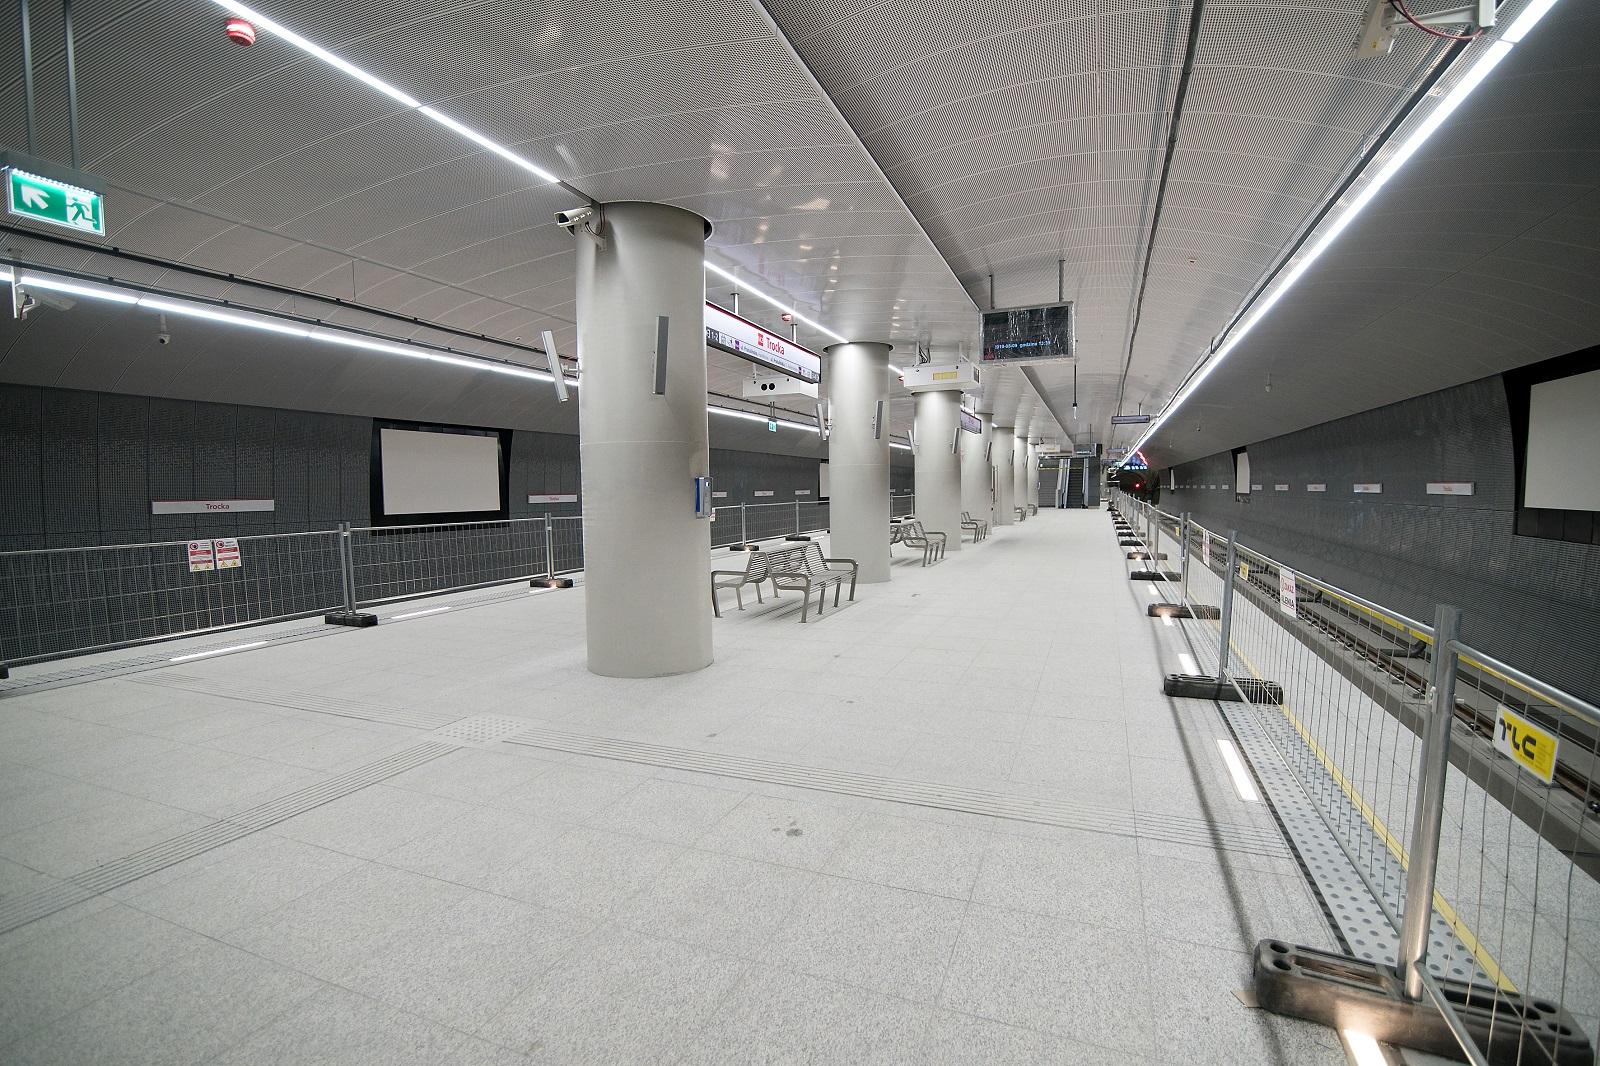 Gotowa stacja Trocka czeka na pierwszych pasażerów